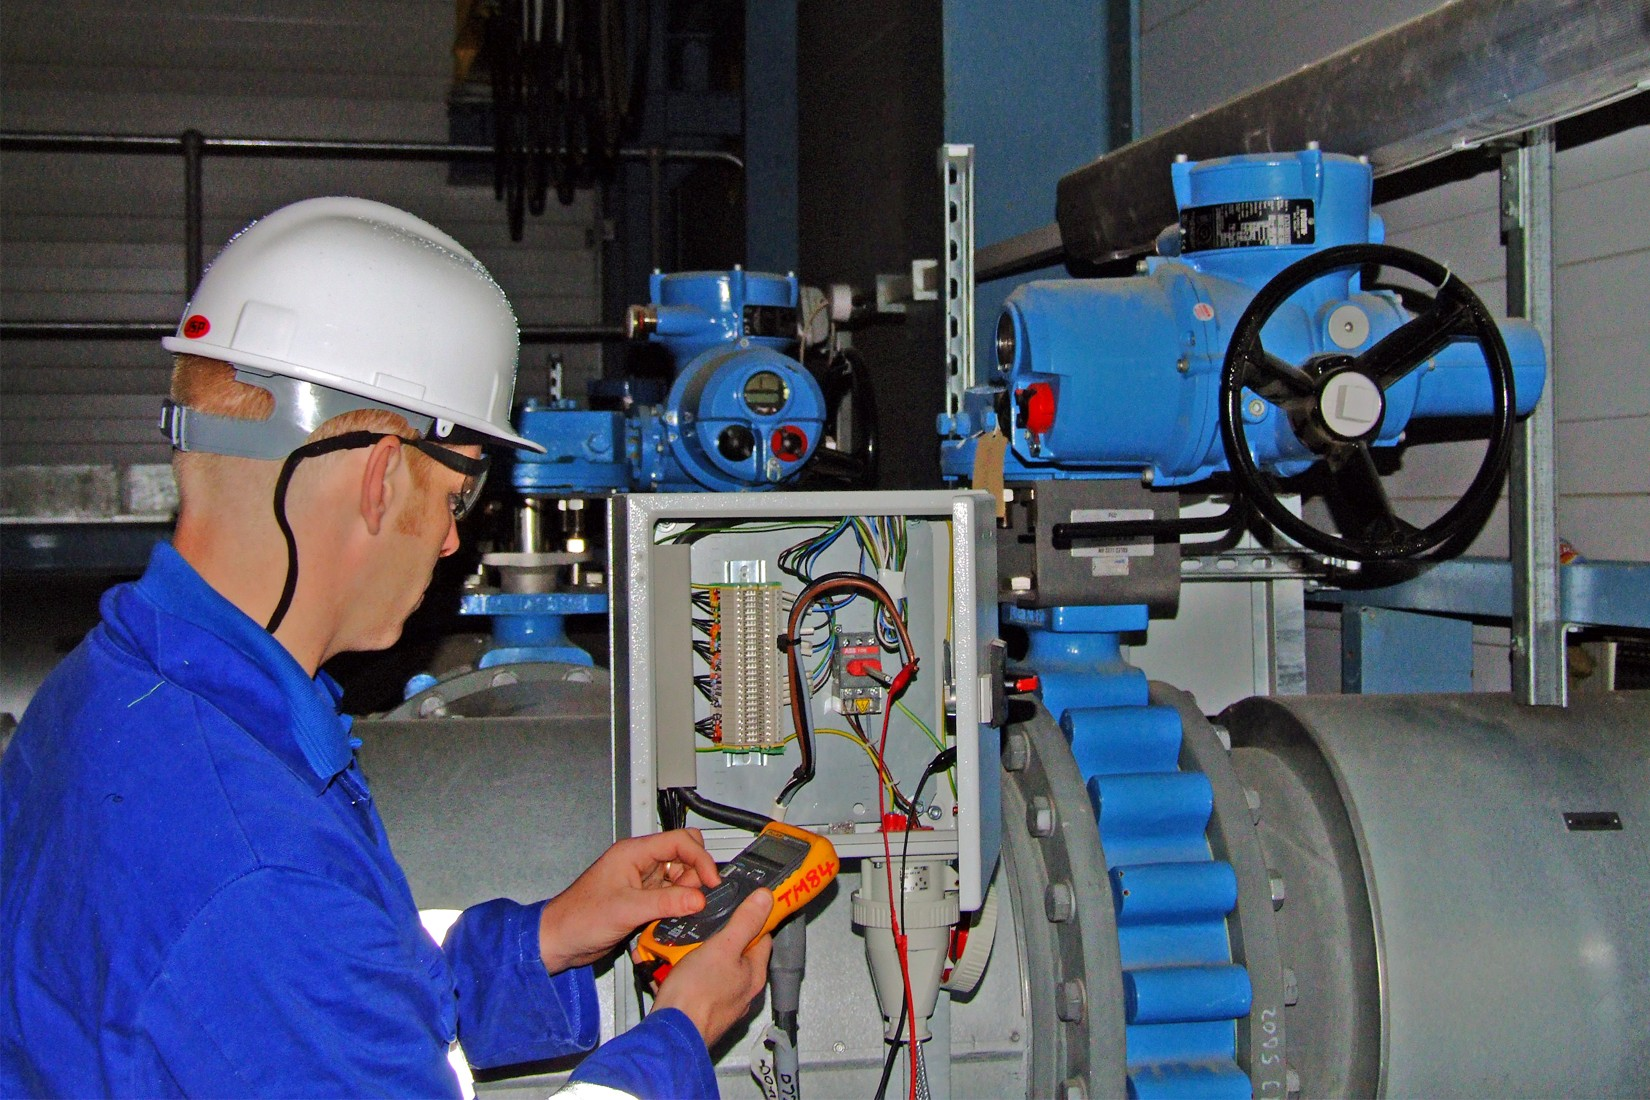 elektrik tesisat güvenliği